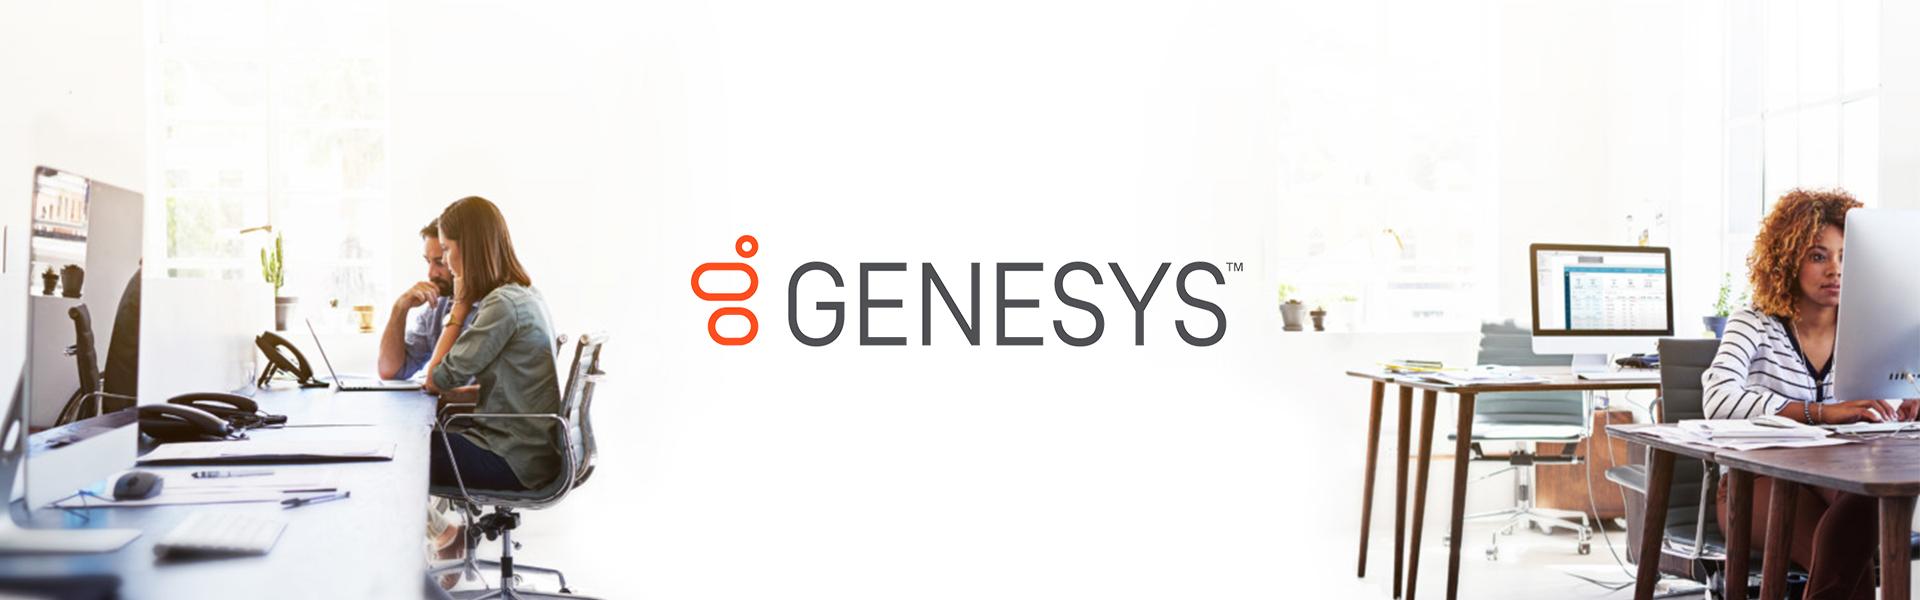 Opiniones Genesys PureCloud: Plataforma de centro de contacto - appvizer